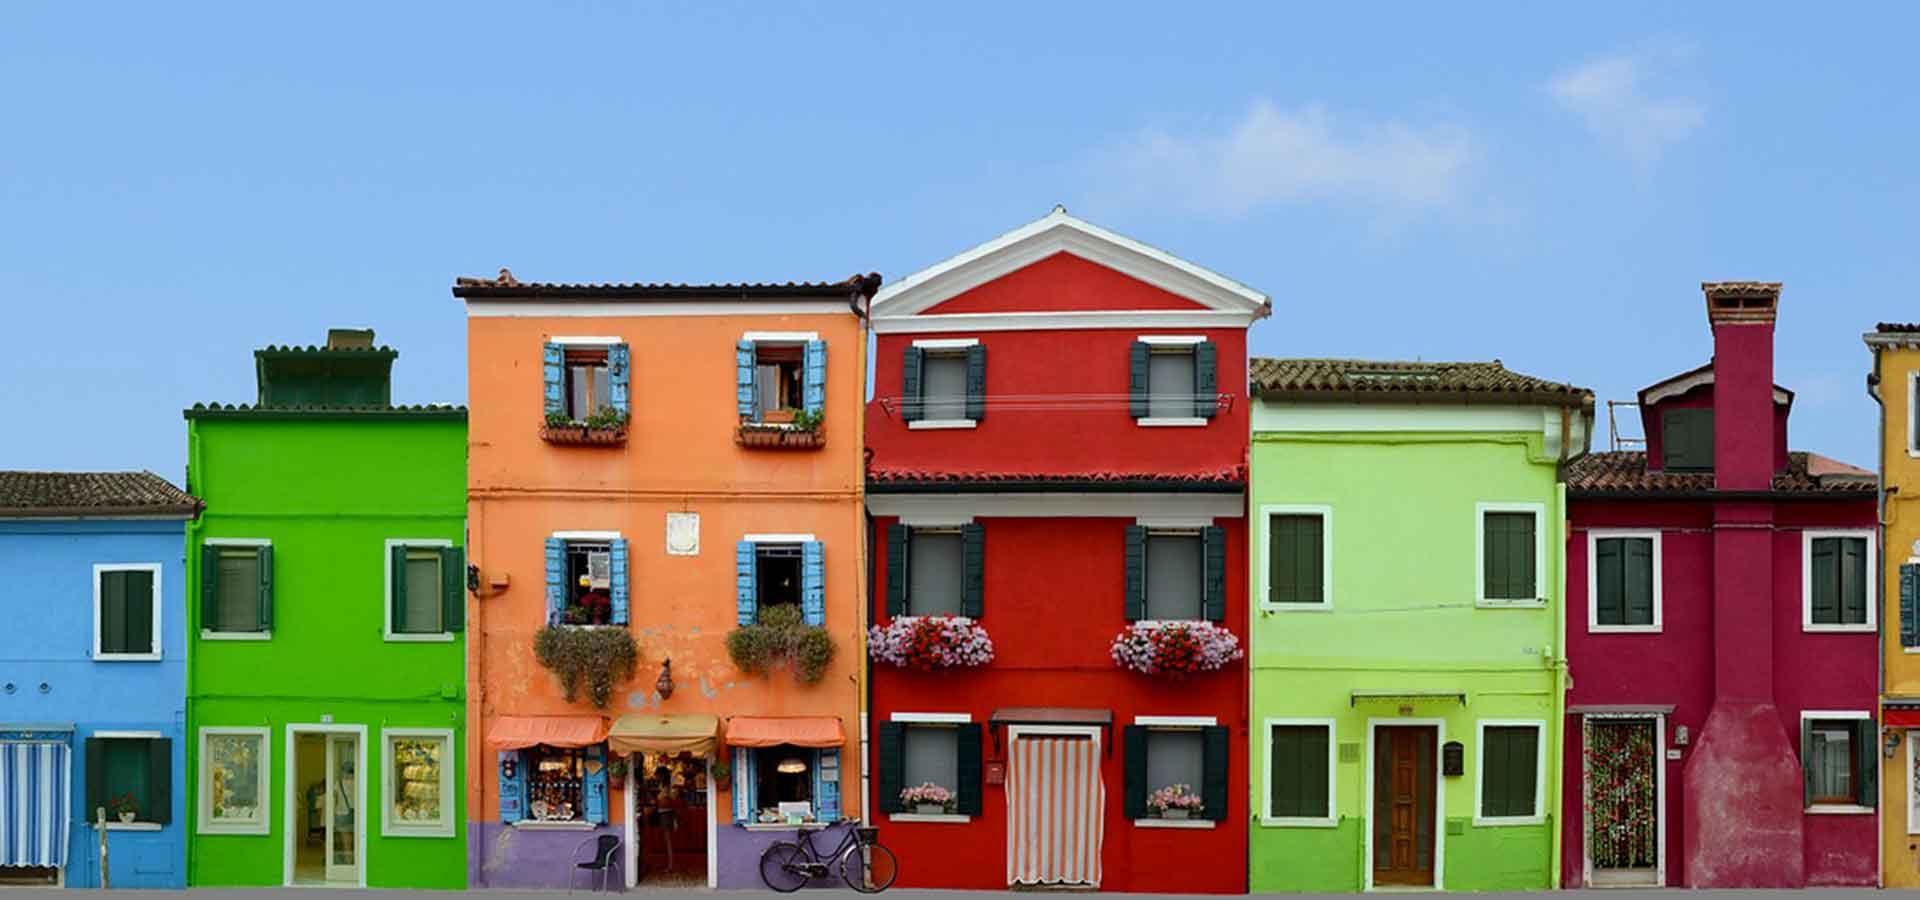 Voyage-villes-colorees-Italie-Burano